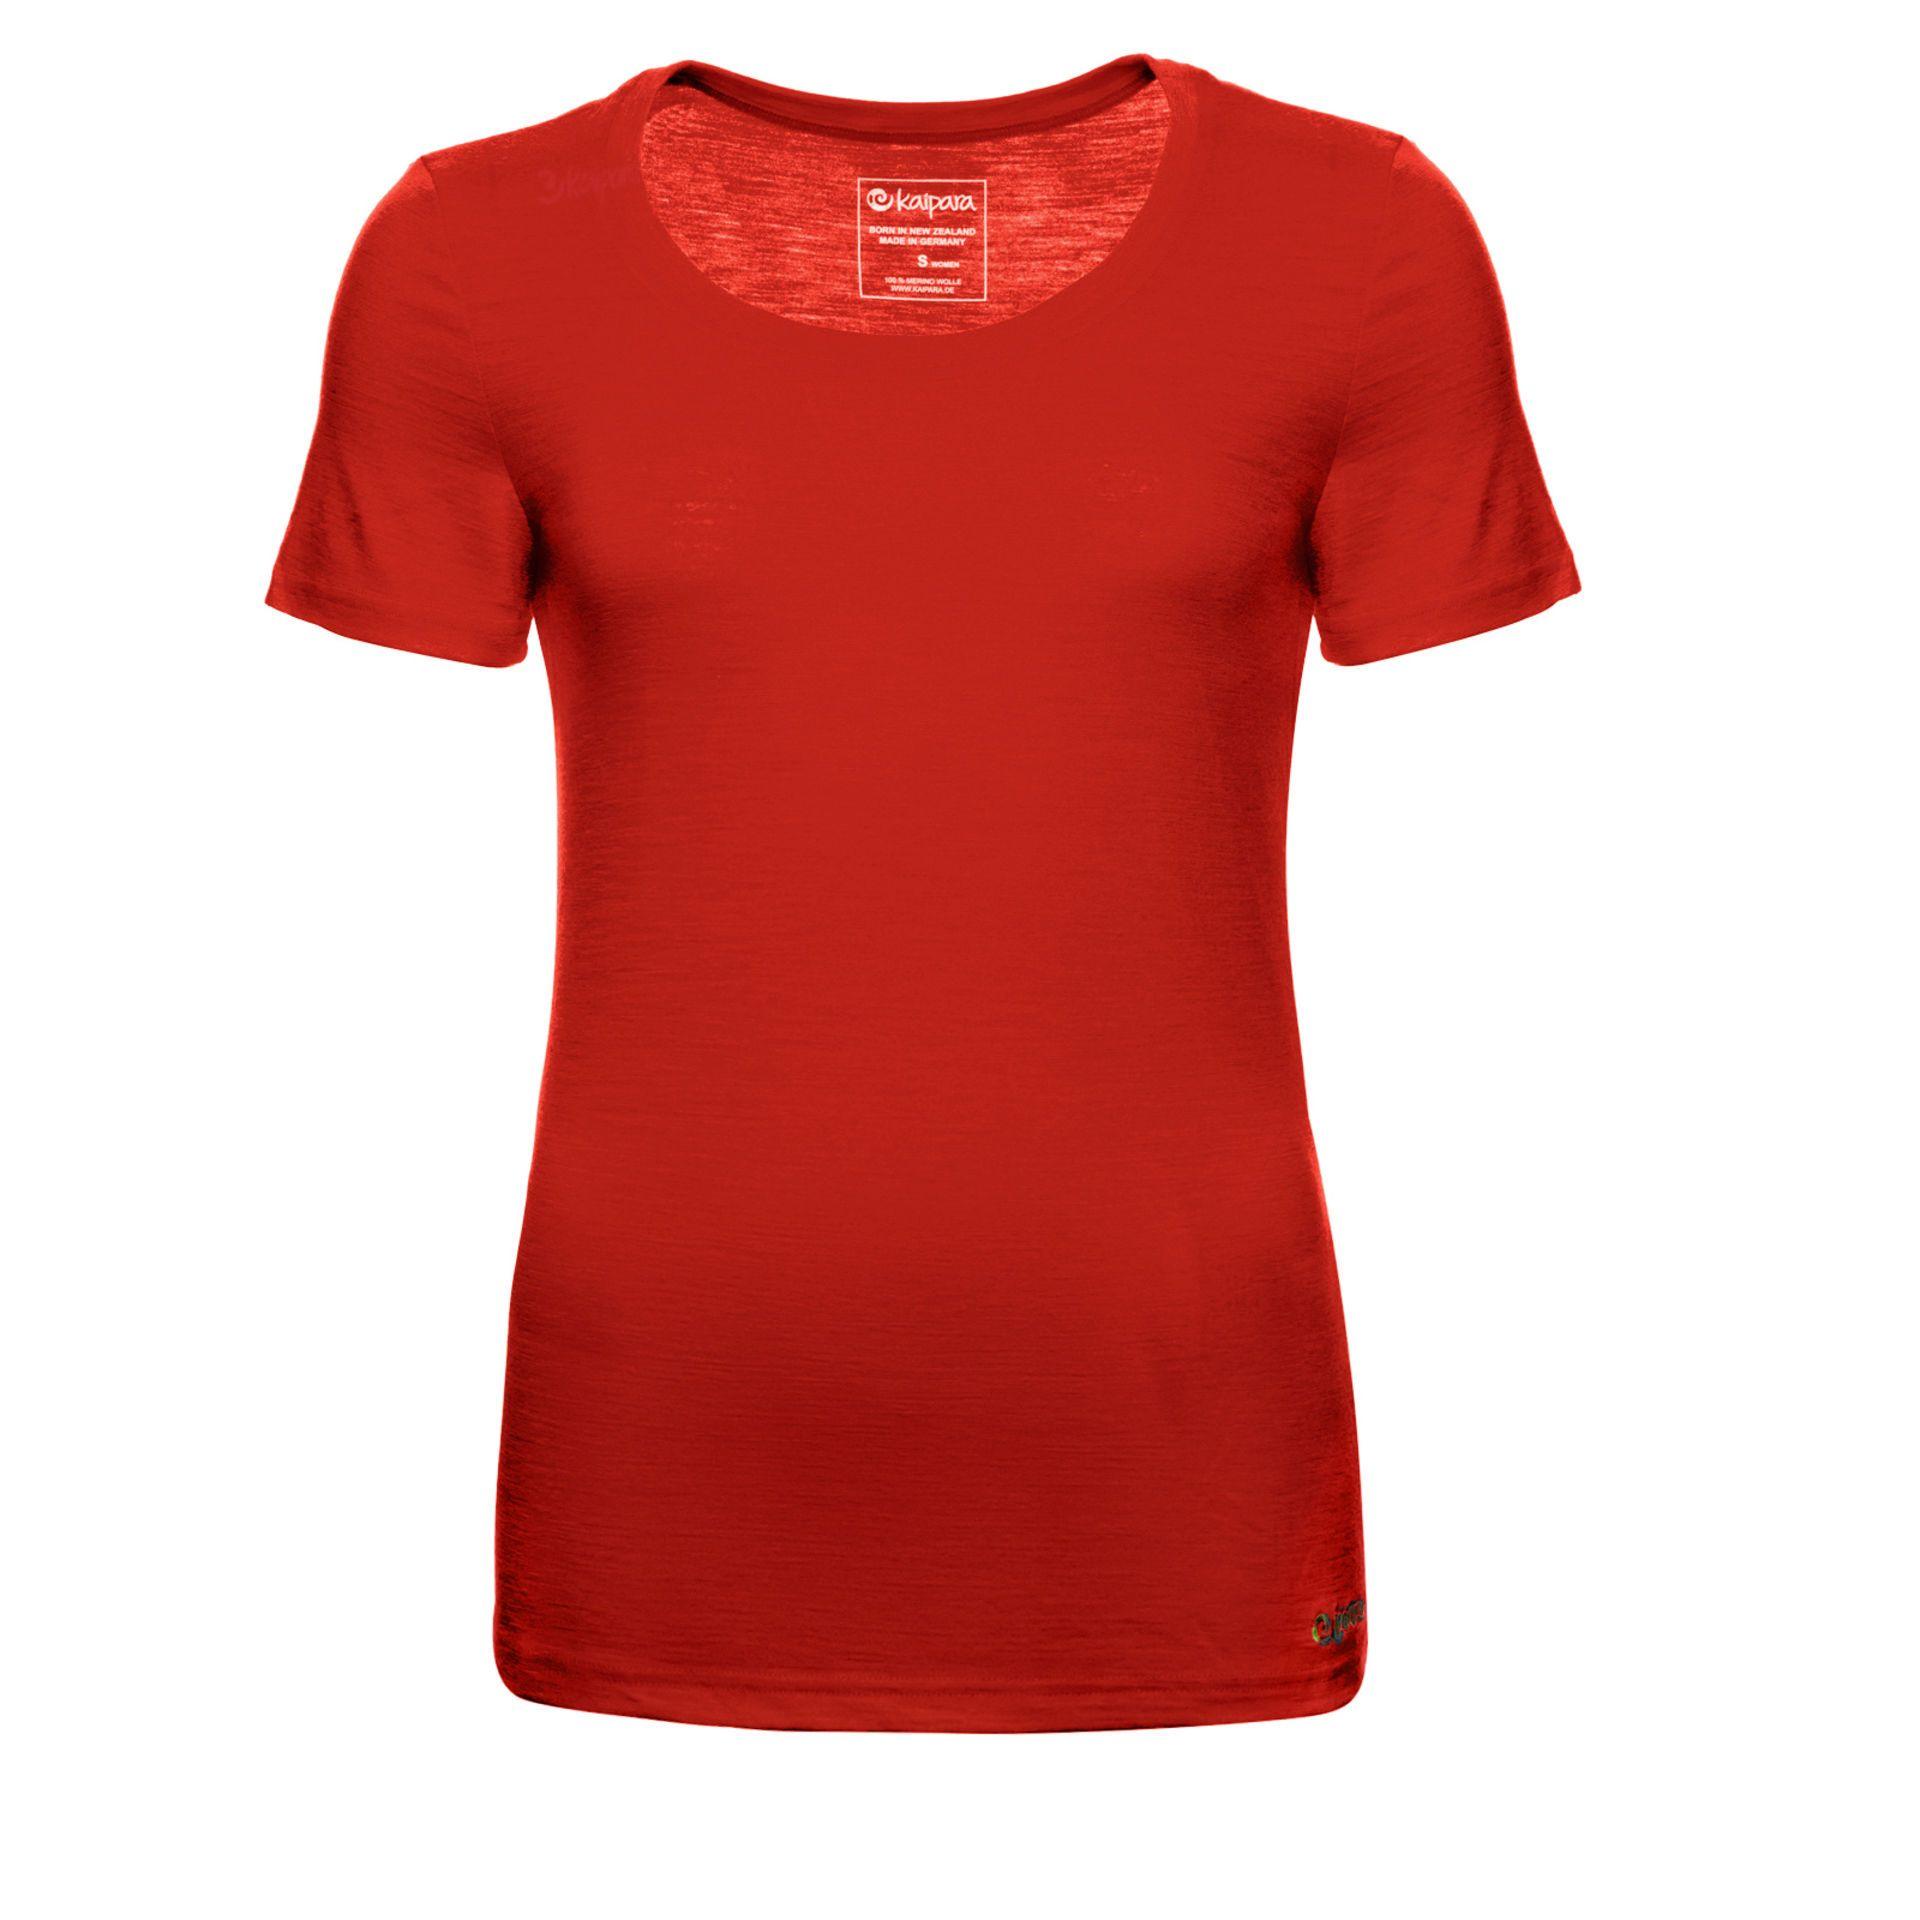 Merino Shirt Damen Kurzarm Slimfit 150 Cherry Red / M